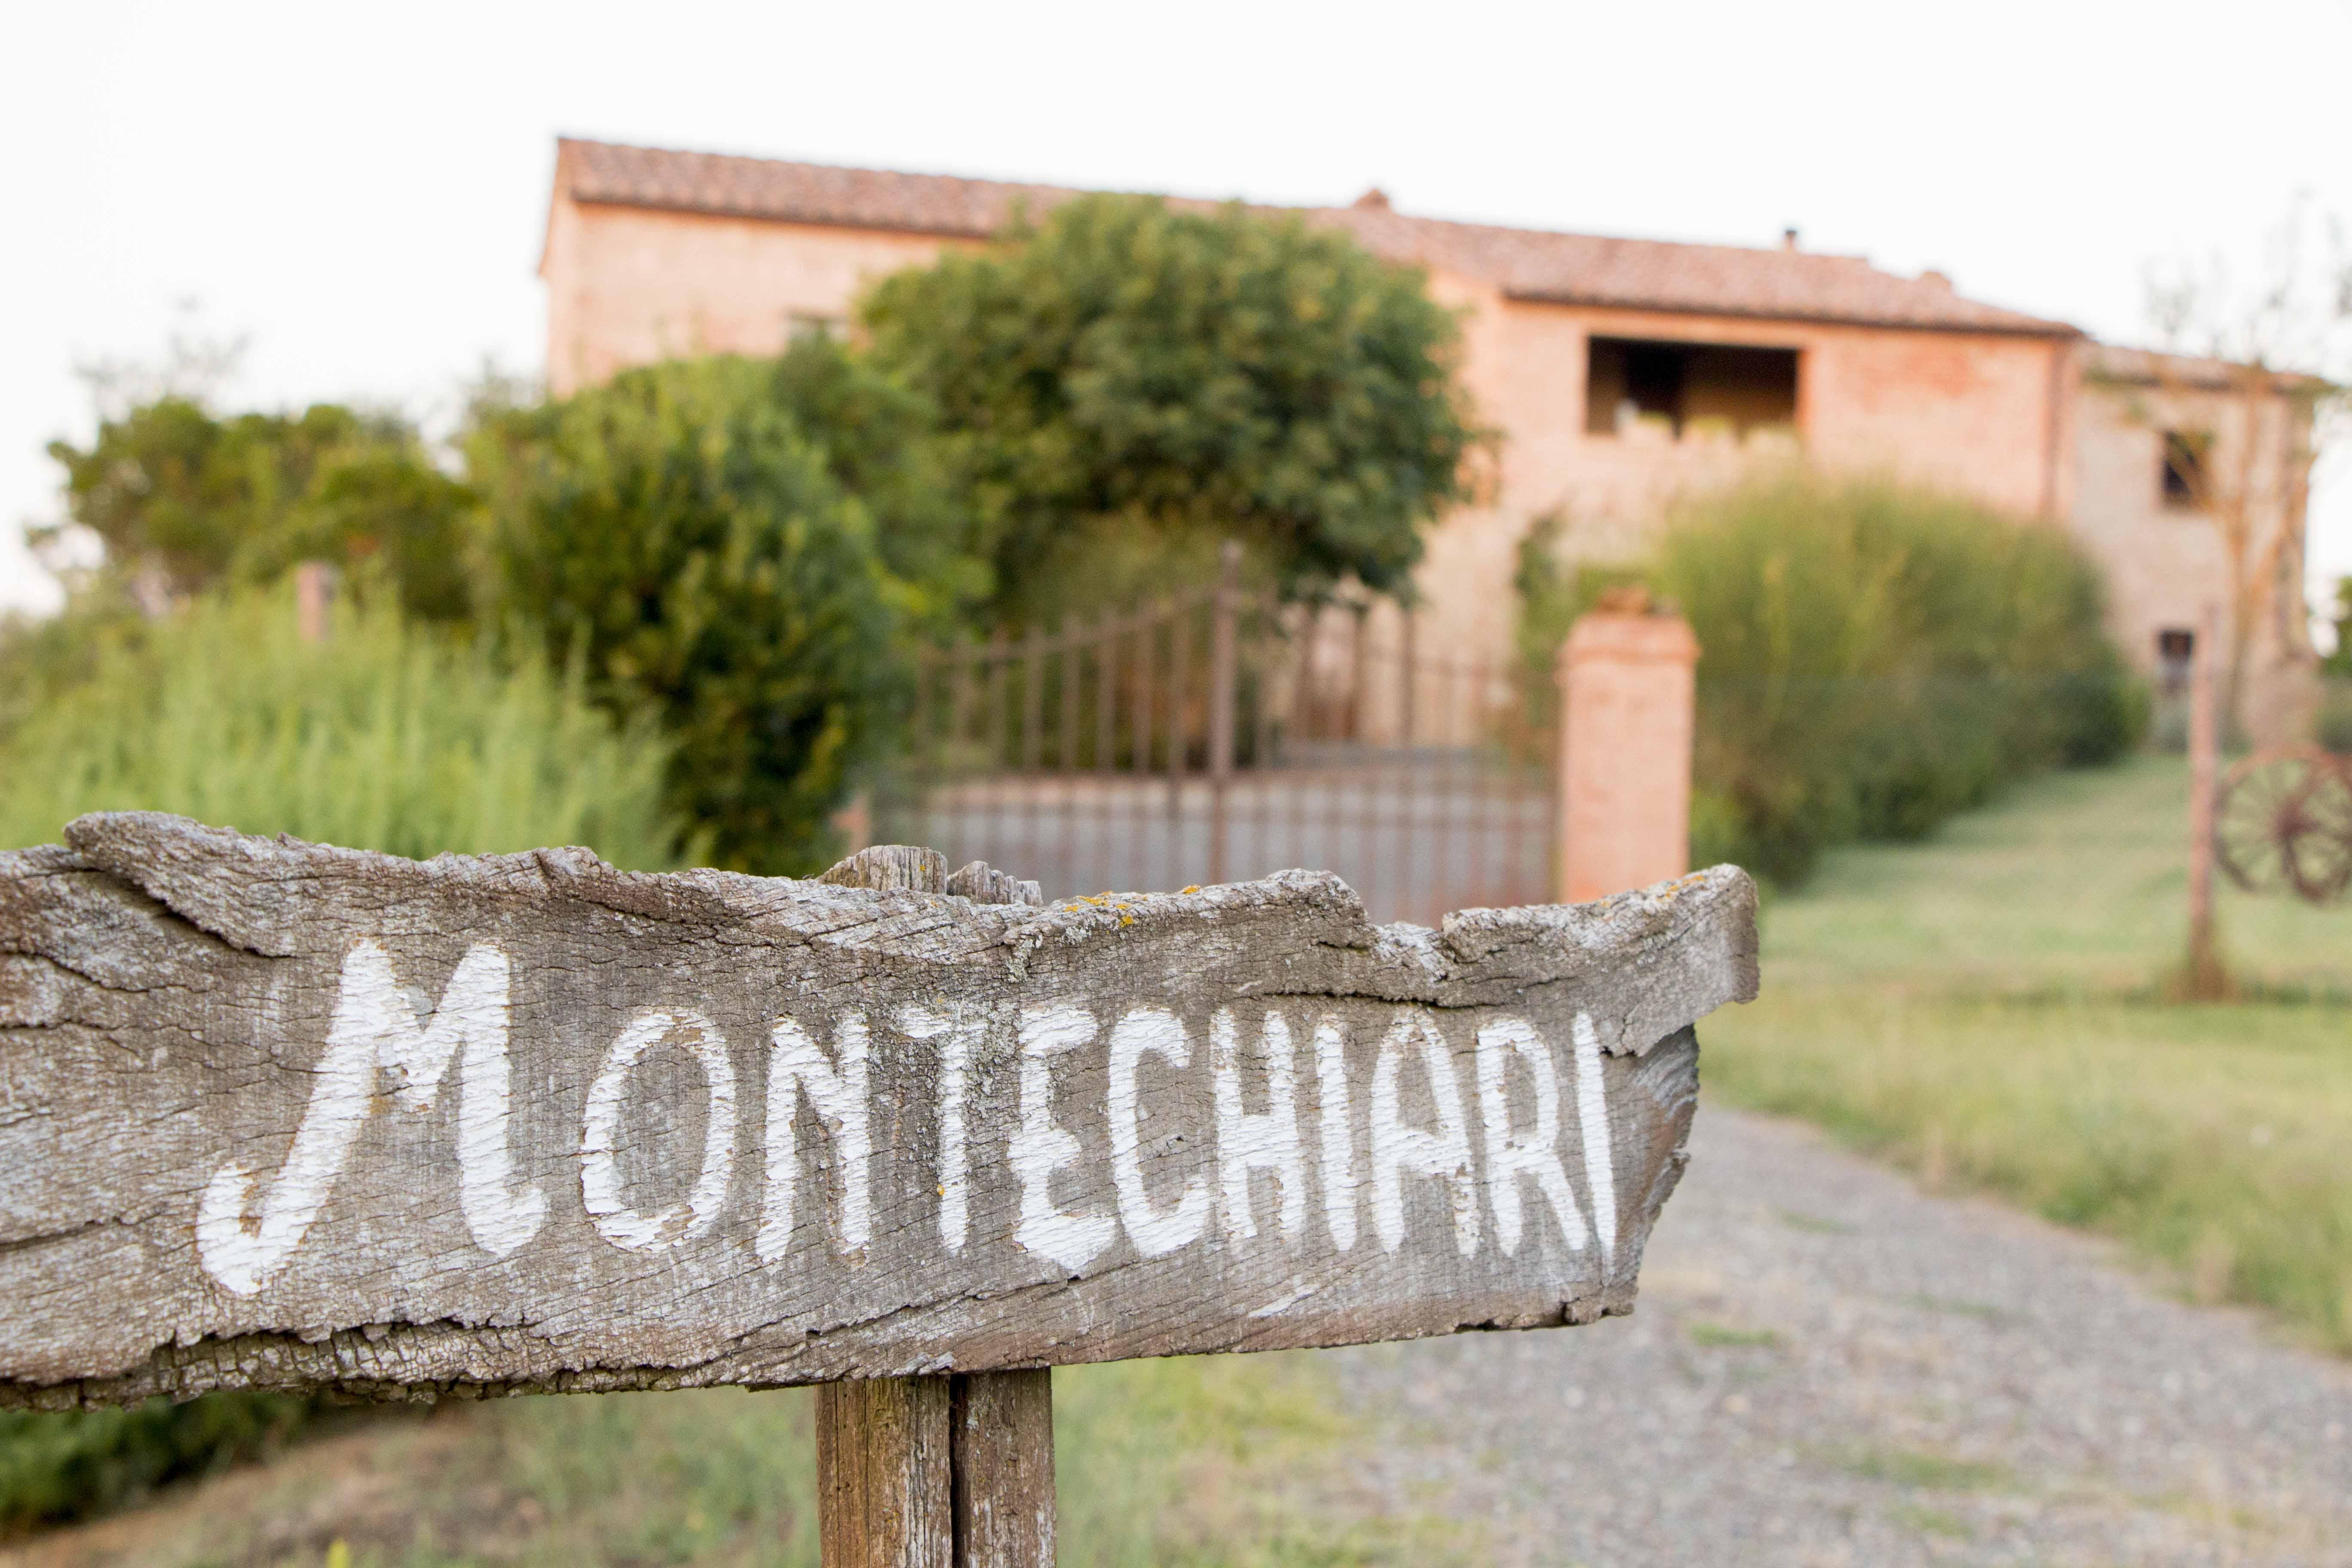 montechiari_5.JPG